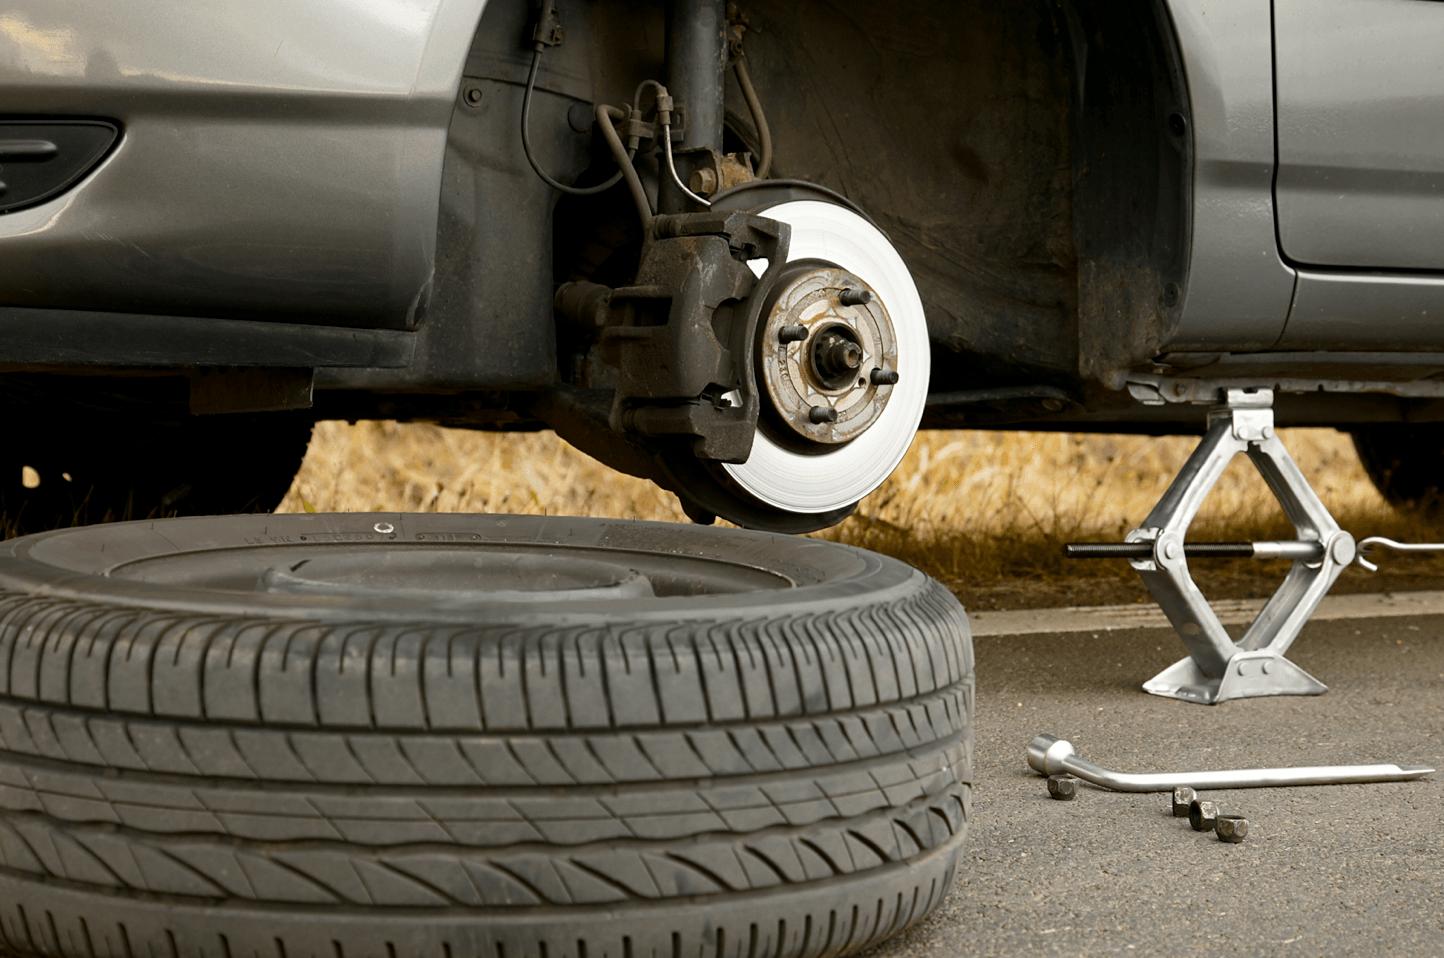 araba lastiği nasıl değiştirilir